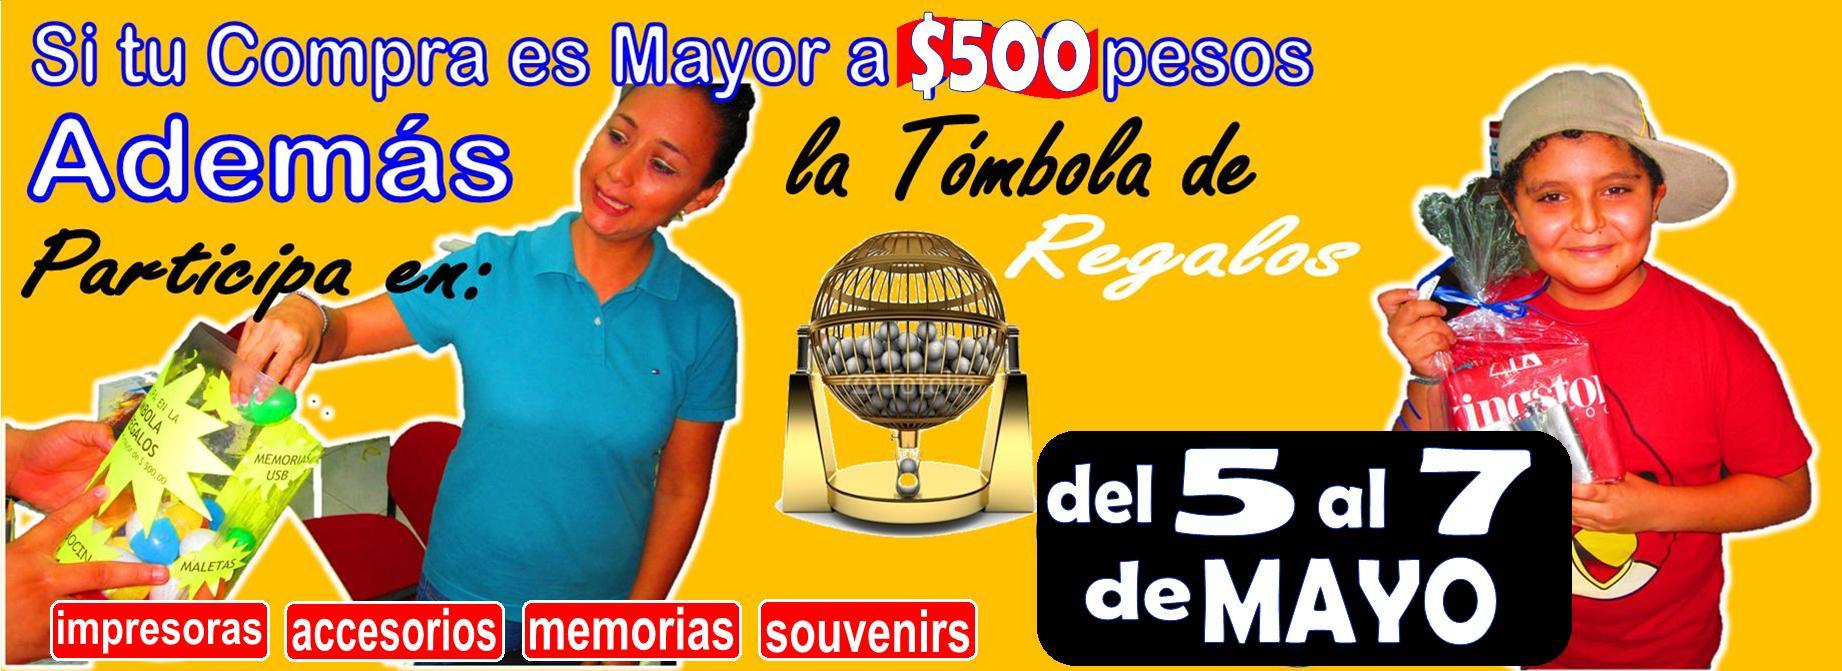 BANNER-TOMBOLA-DE-REGALOS-MAYO-2017